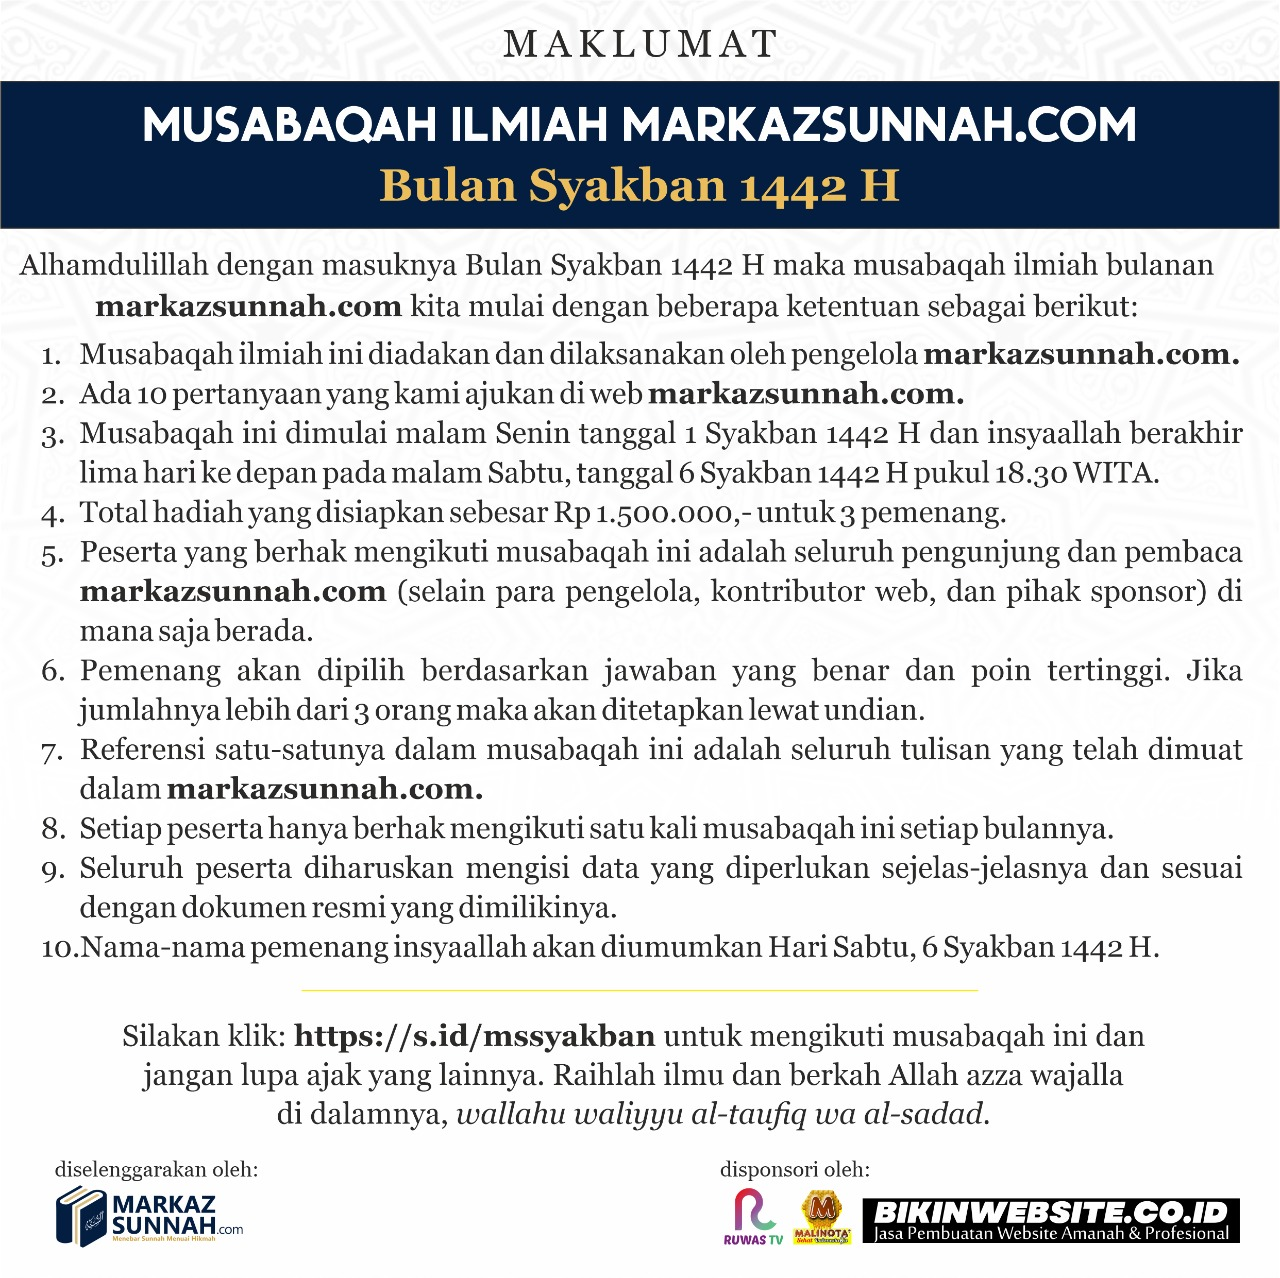 MAKLUMAT MUSABAQAH ILMIAH BULANSYAKBAN 1442 HMARKAZSUNNAH.COM